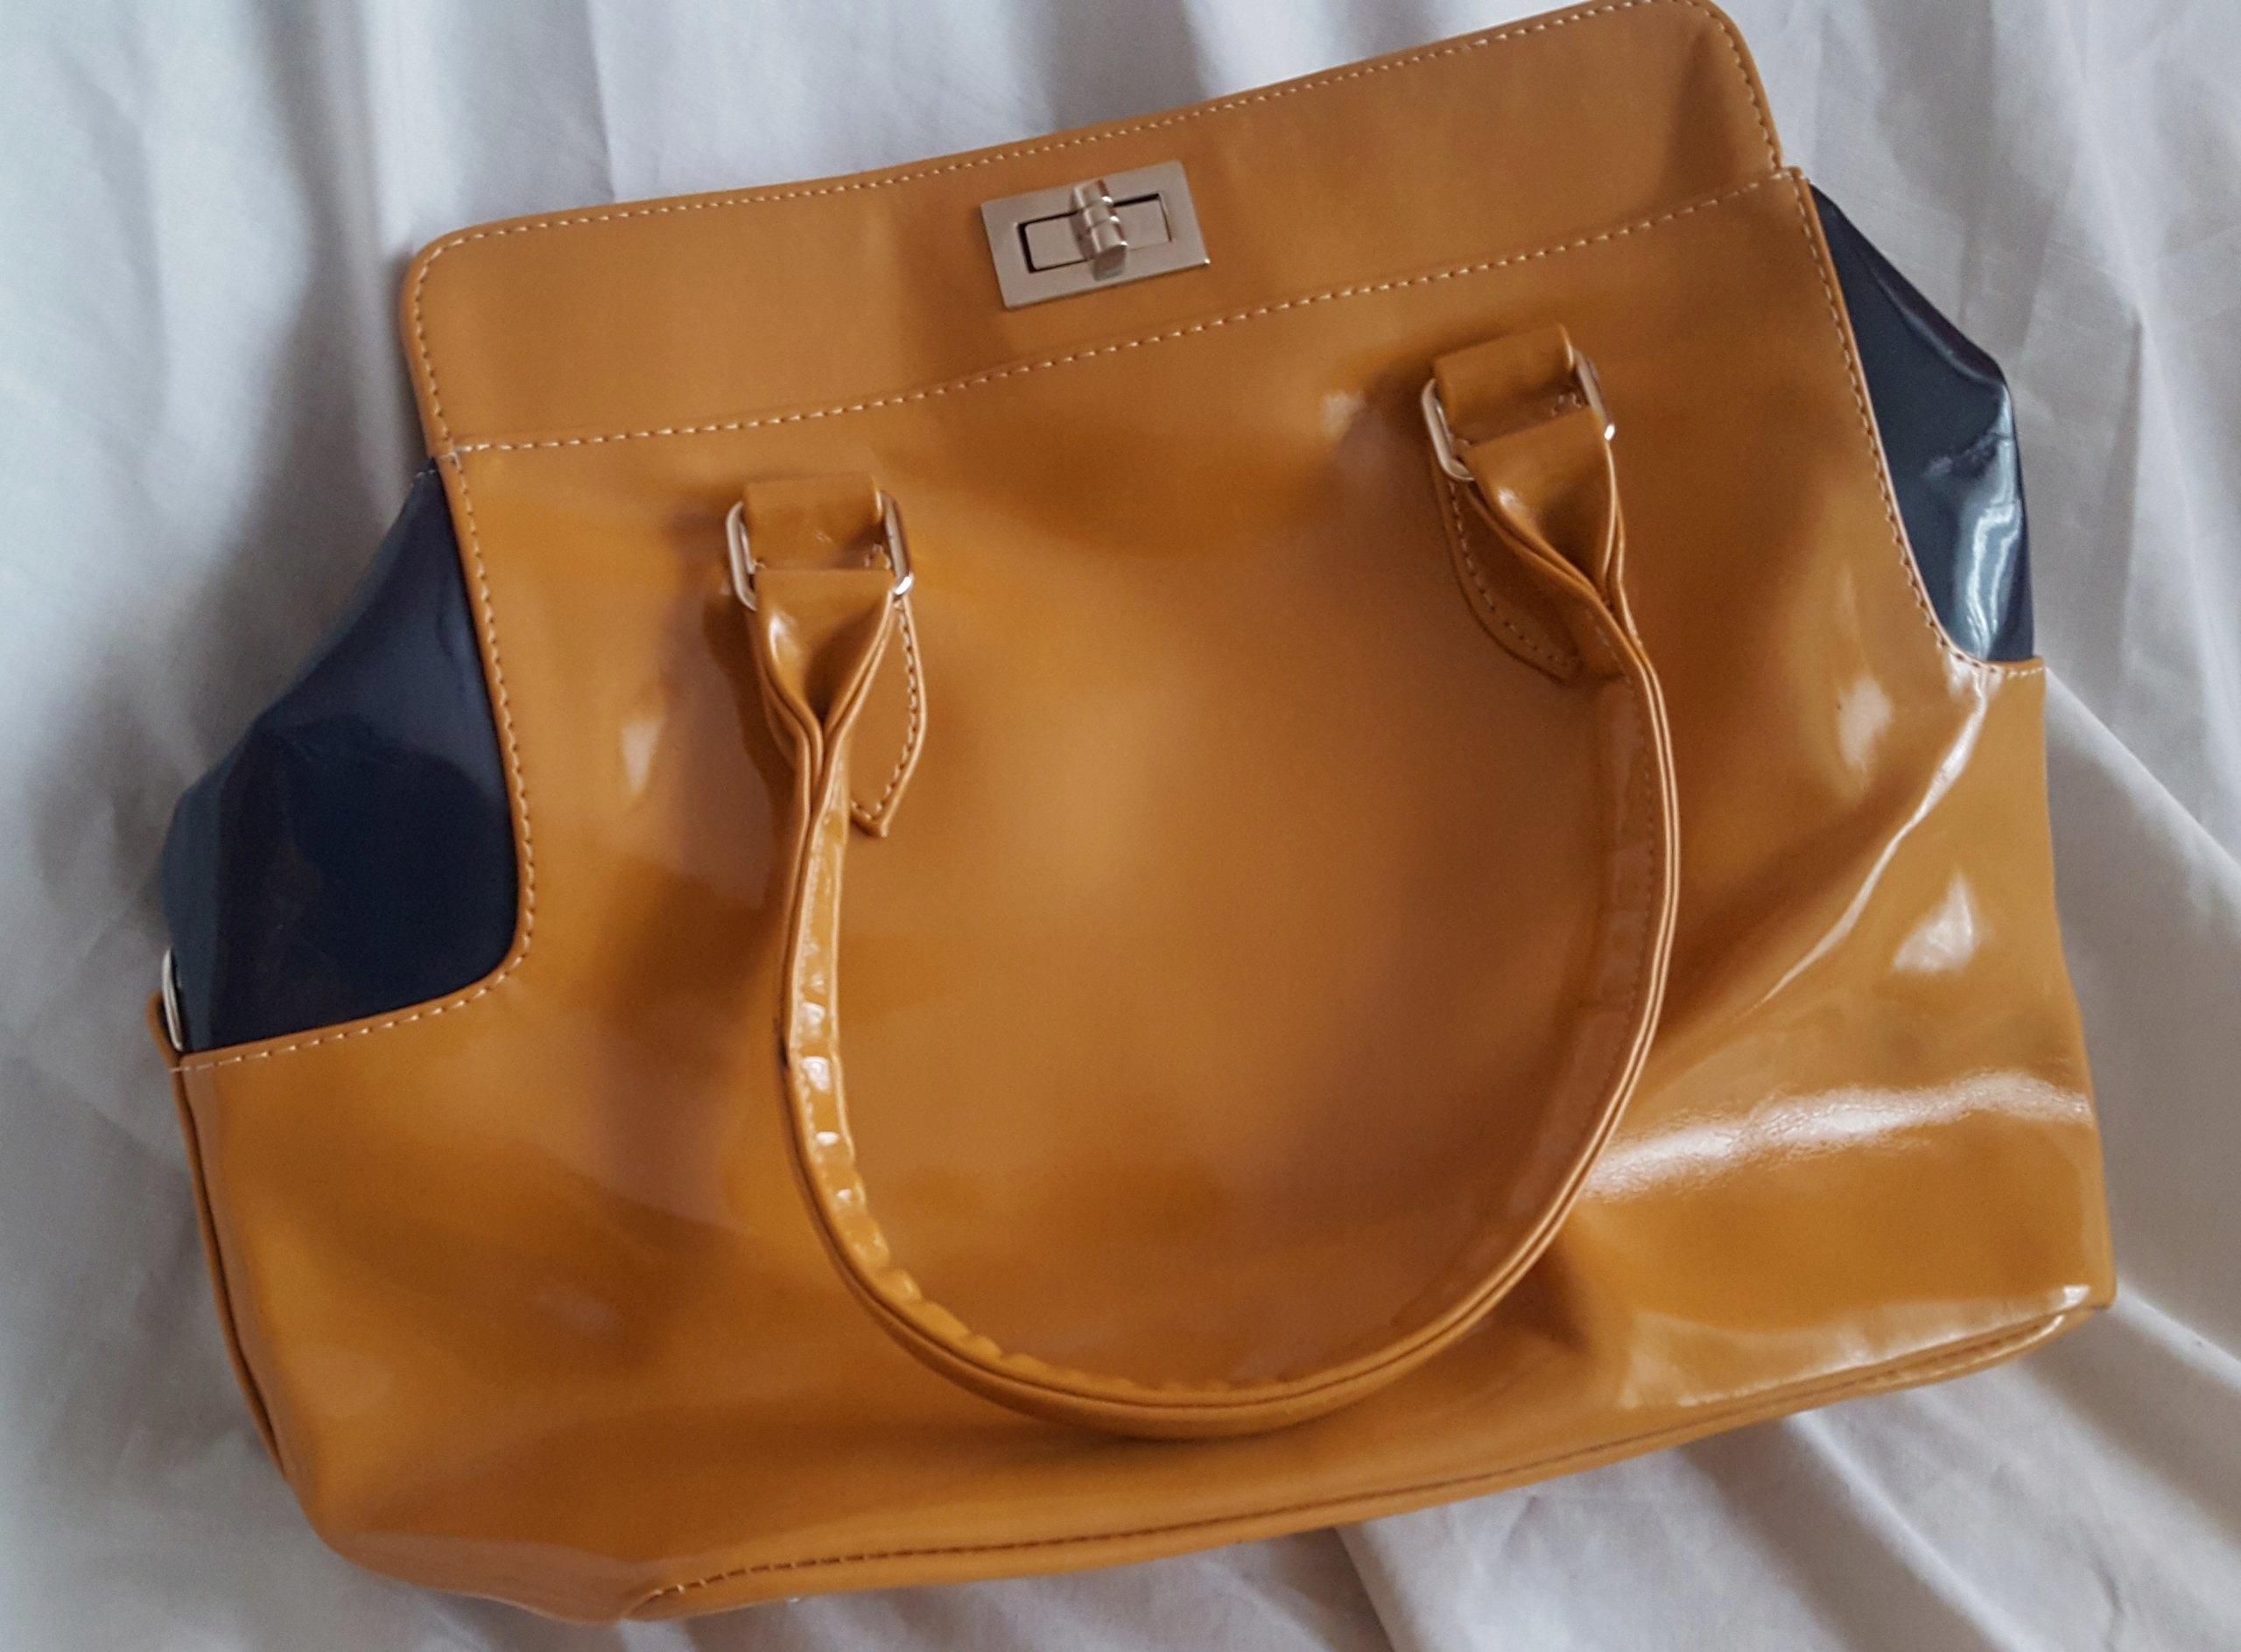 d6e1837104f9e Śliczna lakierowana torebka do ręki - 7374145582 - oficjalne ...